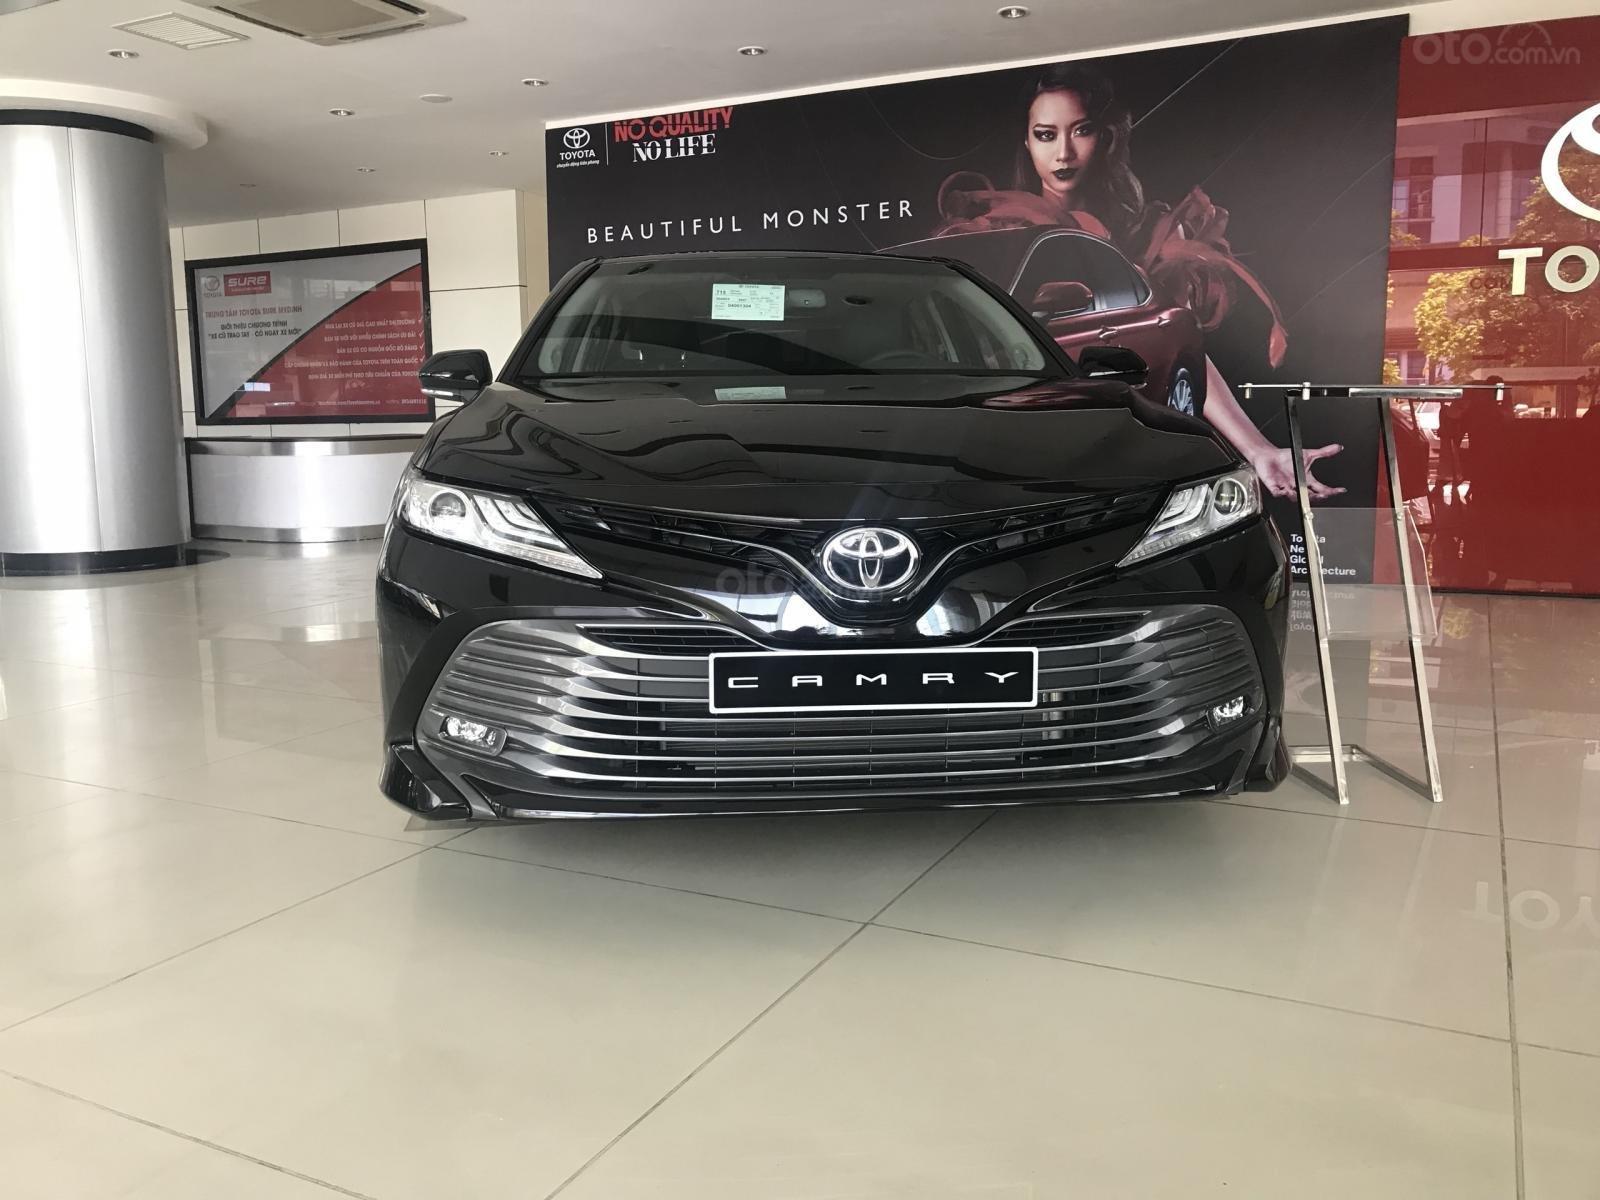 Bán Toyota Camry 2019 nhập Thái Lan nguyên chiếc, xe đủ màu giao ngay-0